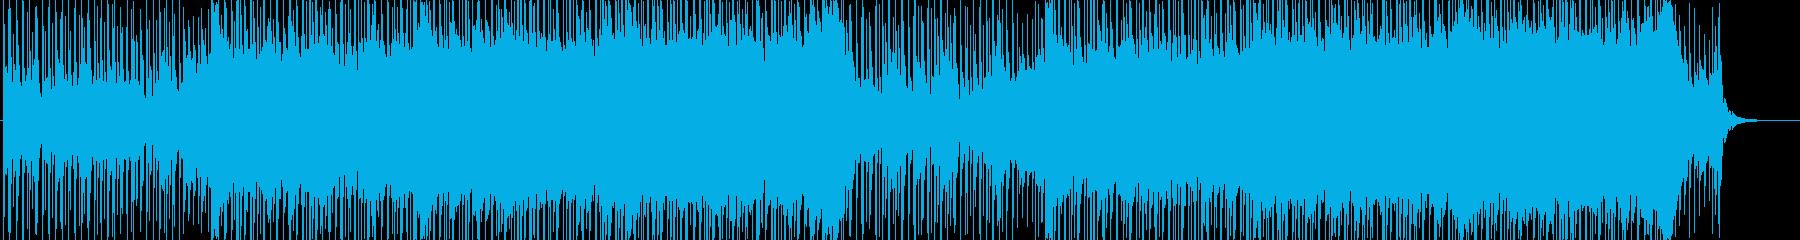 企業VP向け、爽やかポップ4つ打ち15aの再生済みの波形